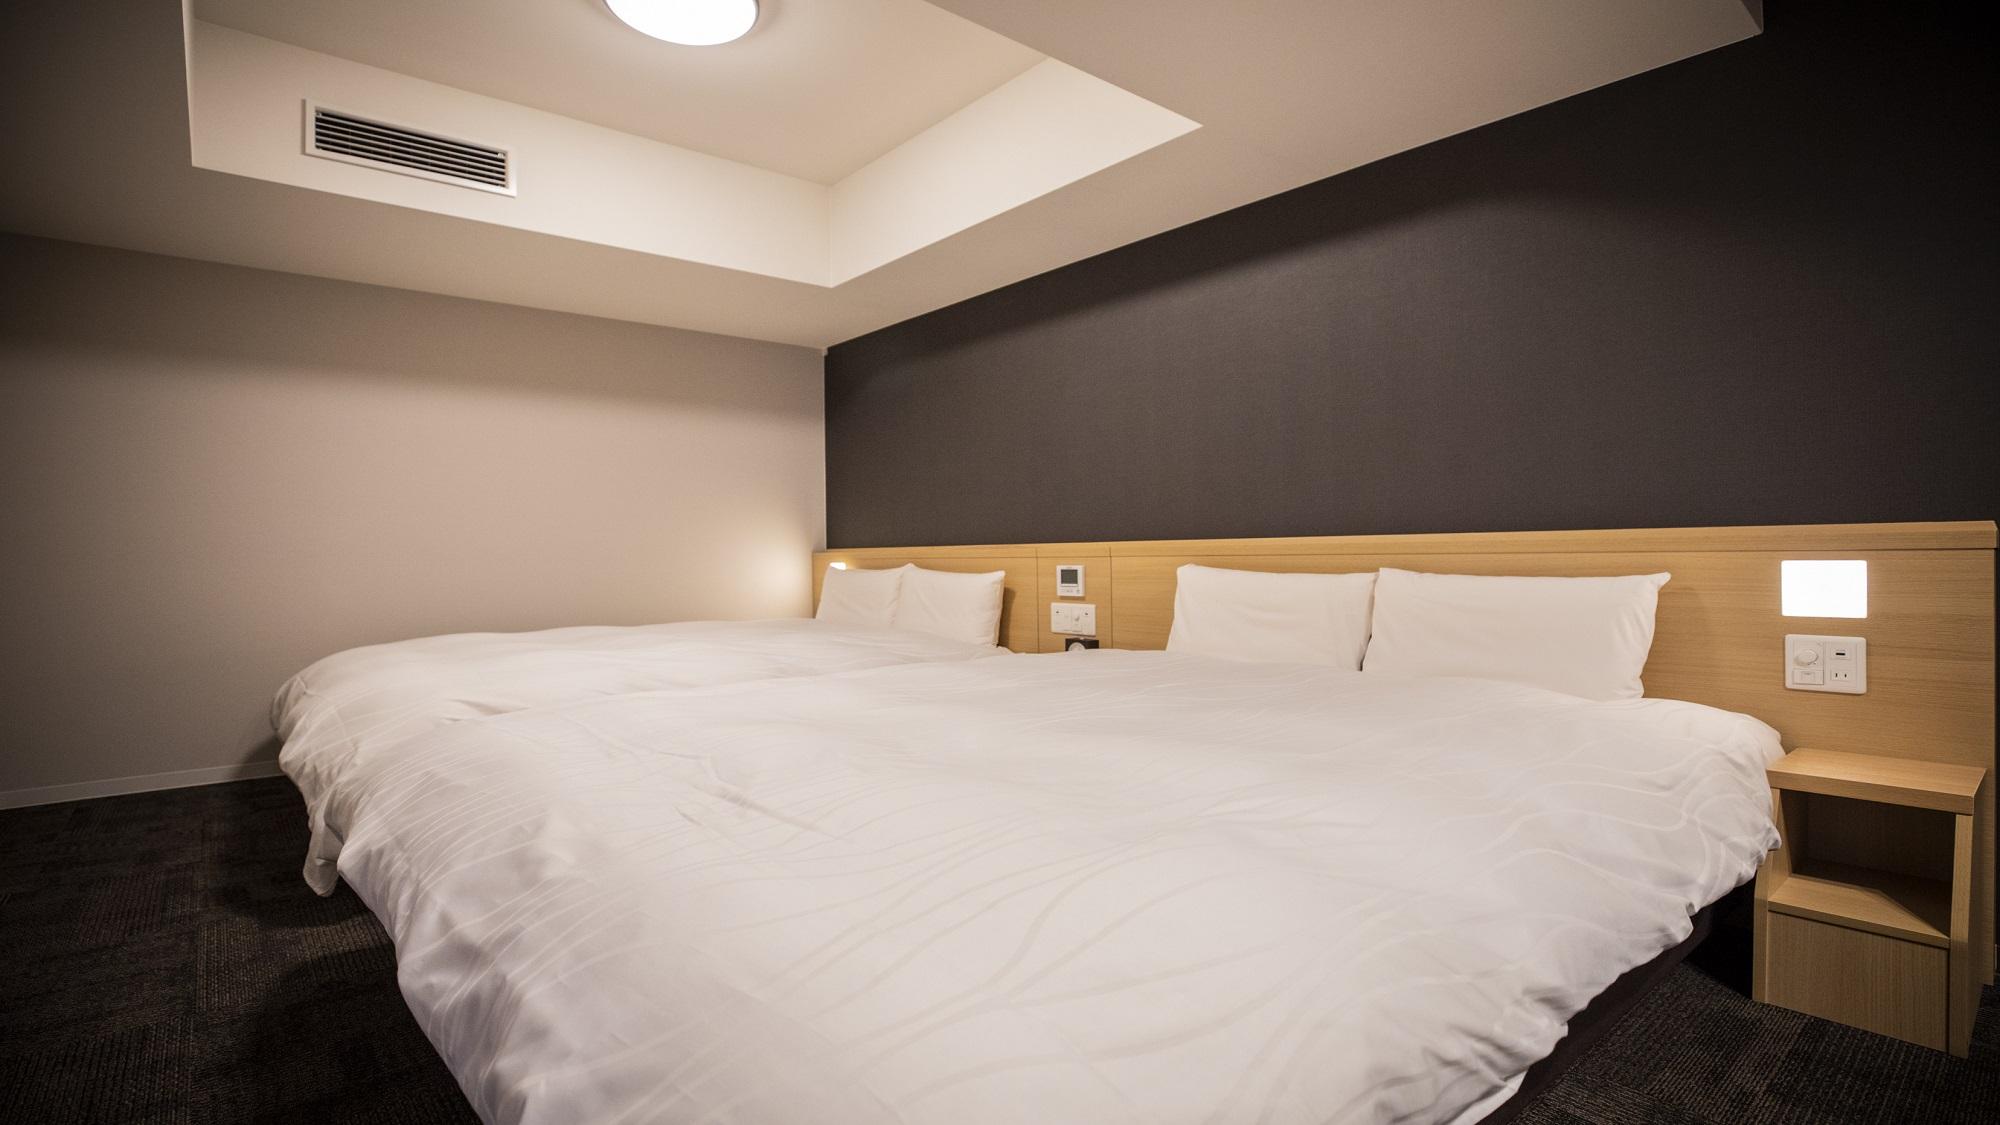 ■デラックスツインルーム【禁煙】(160x195、140x195センチのベッド各1台)約38平米